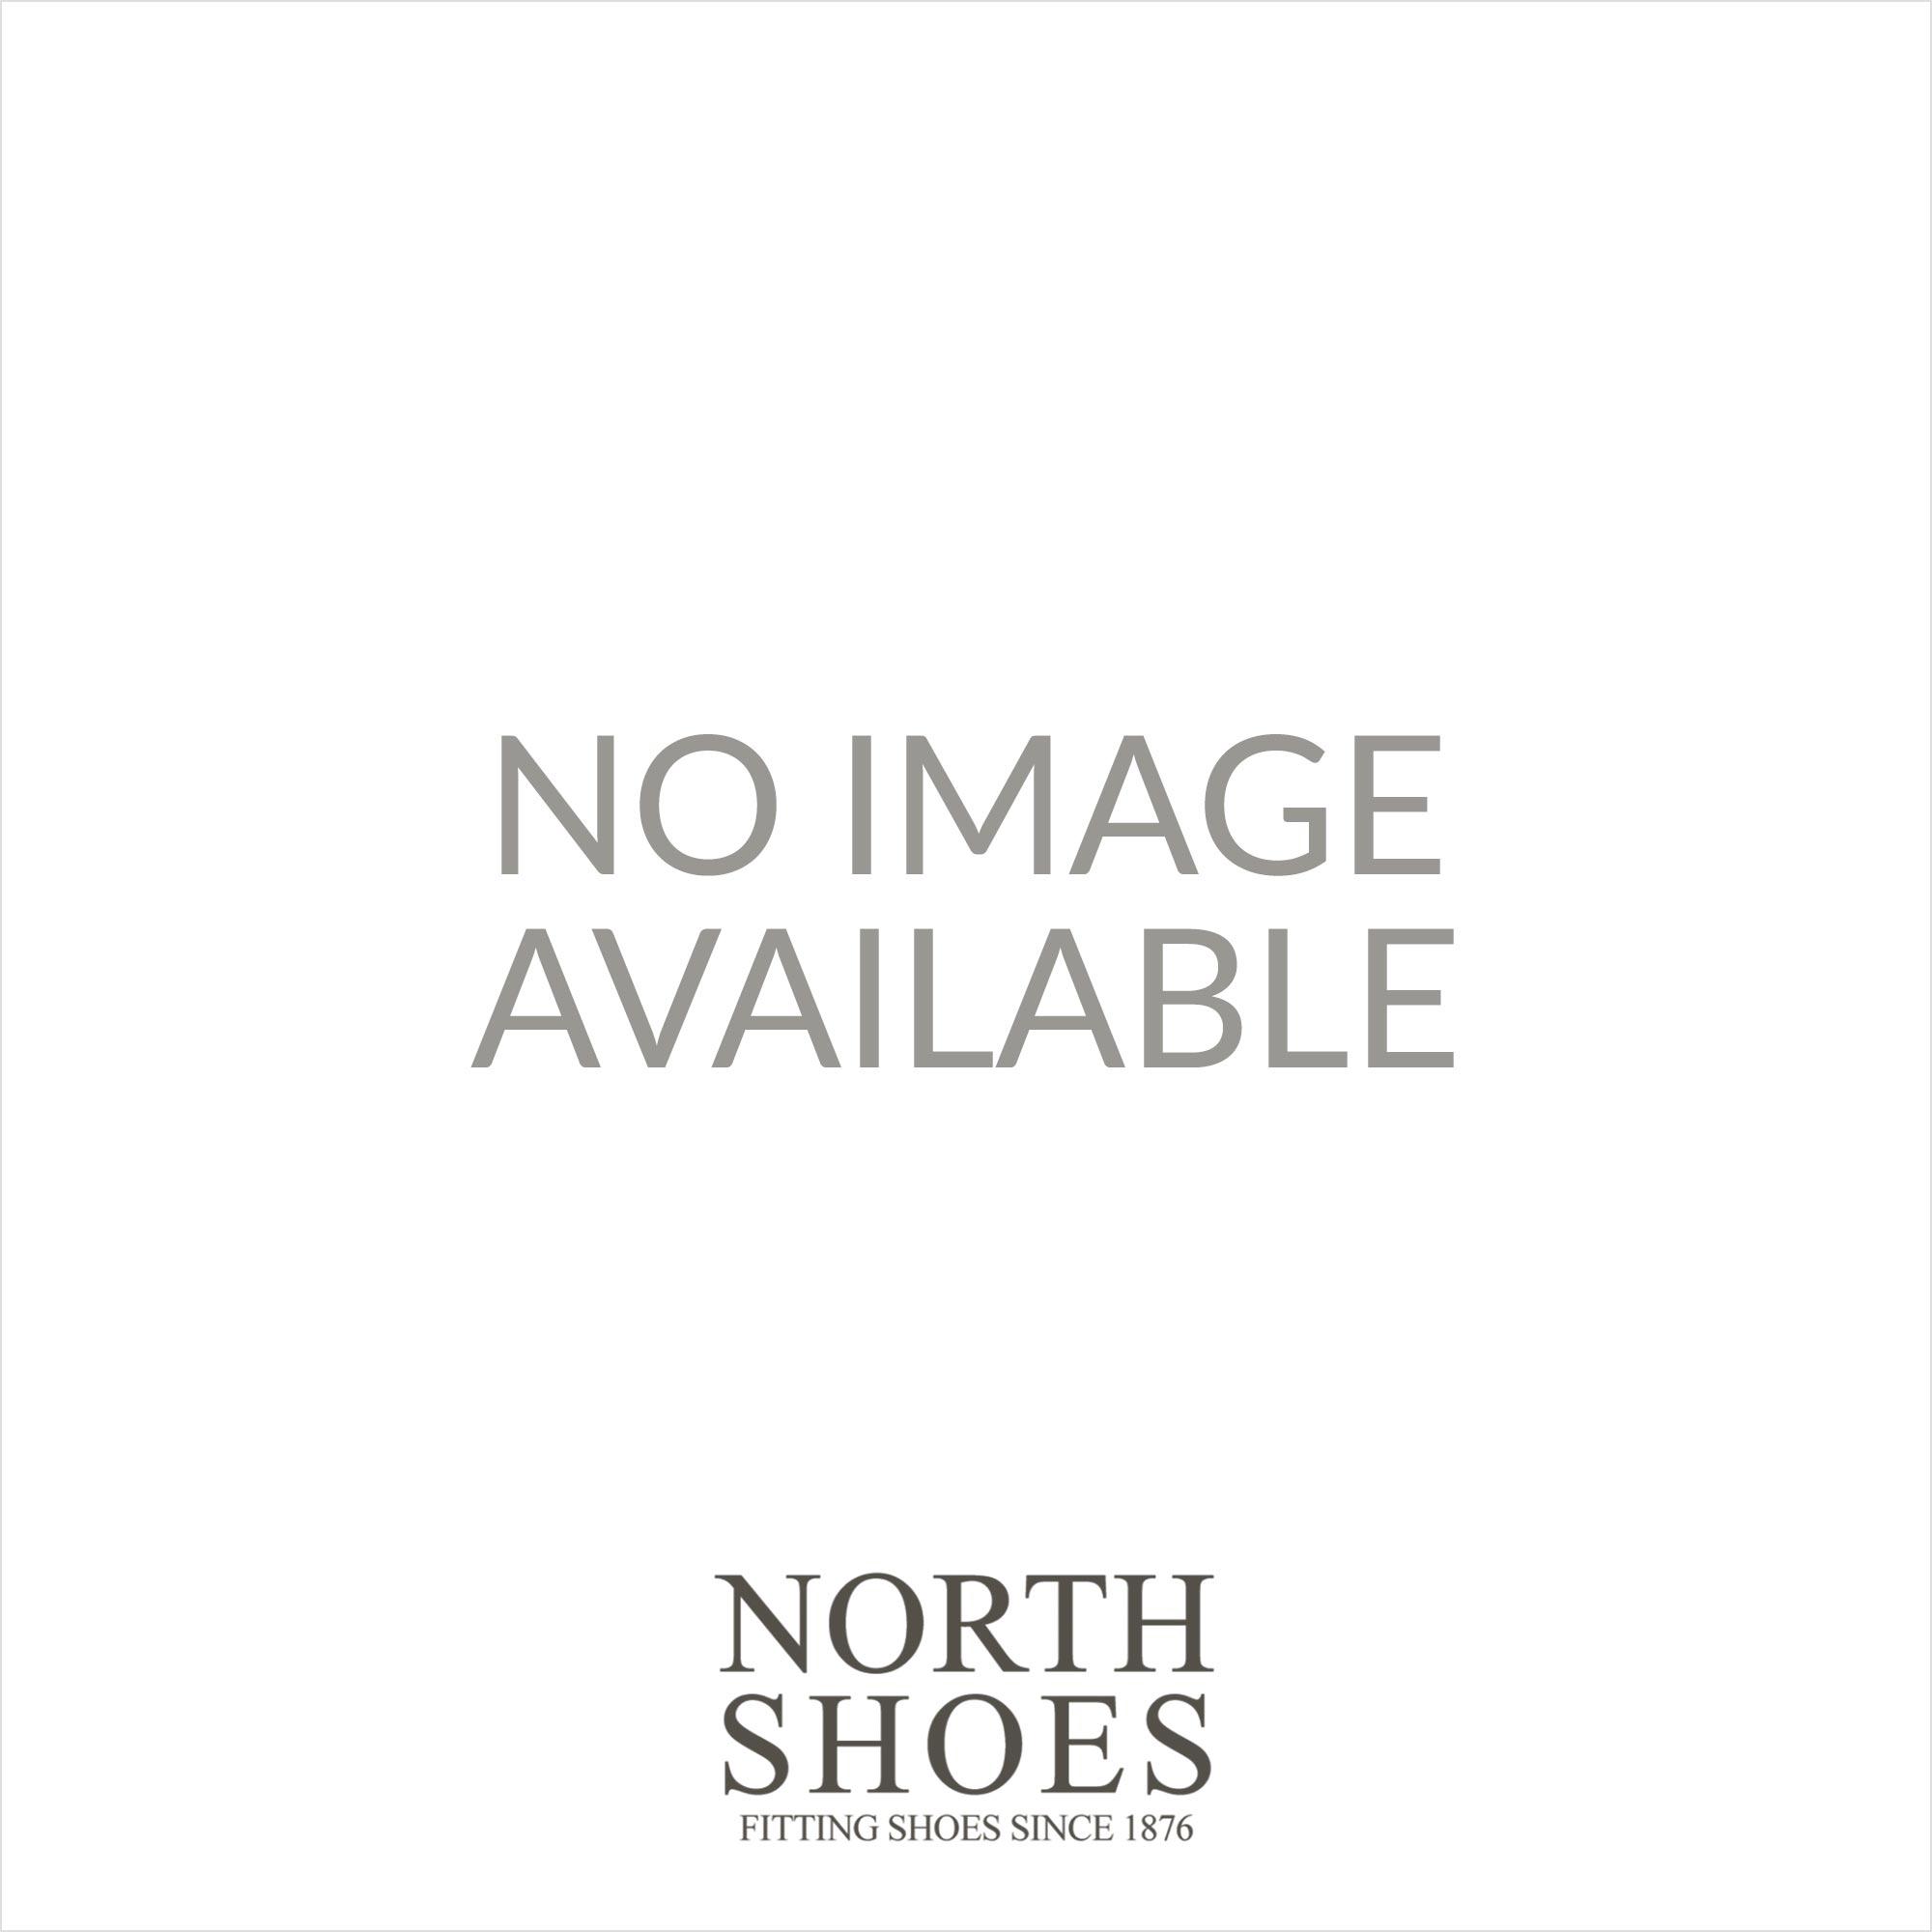 Herren Kruger-Derby-Schuhe Leder UK 7 Tan Loake Billig Footlocker AVhnXr